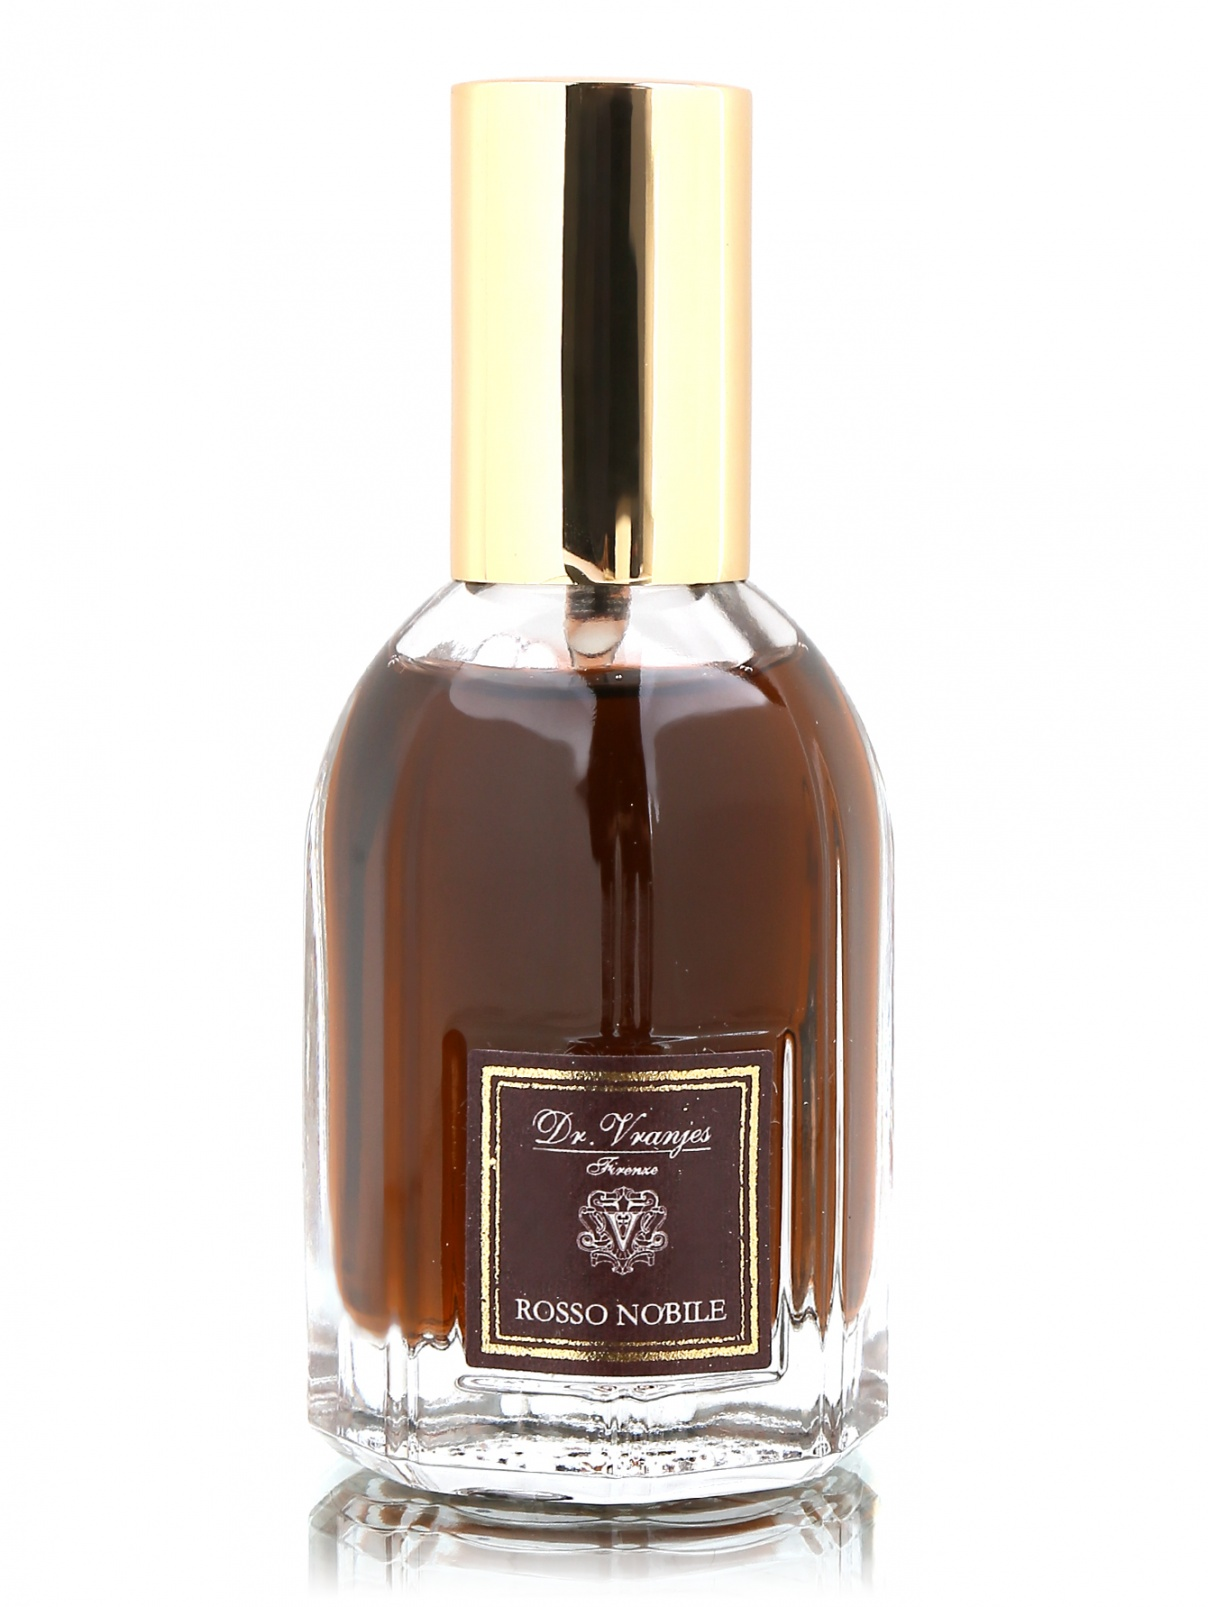 Спрей Duomo Rosso Nobile Home Fragrance Dr. Vranjes  –  Общий вид